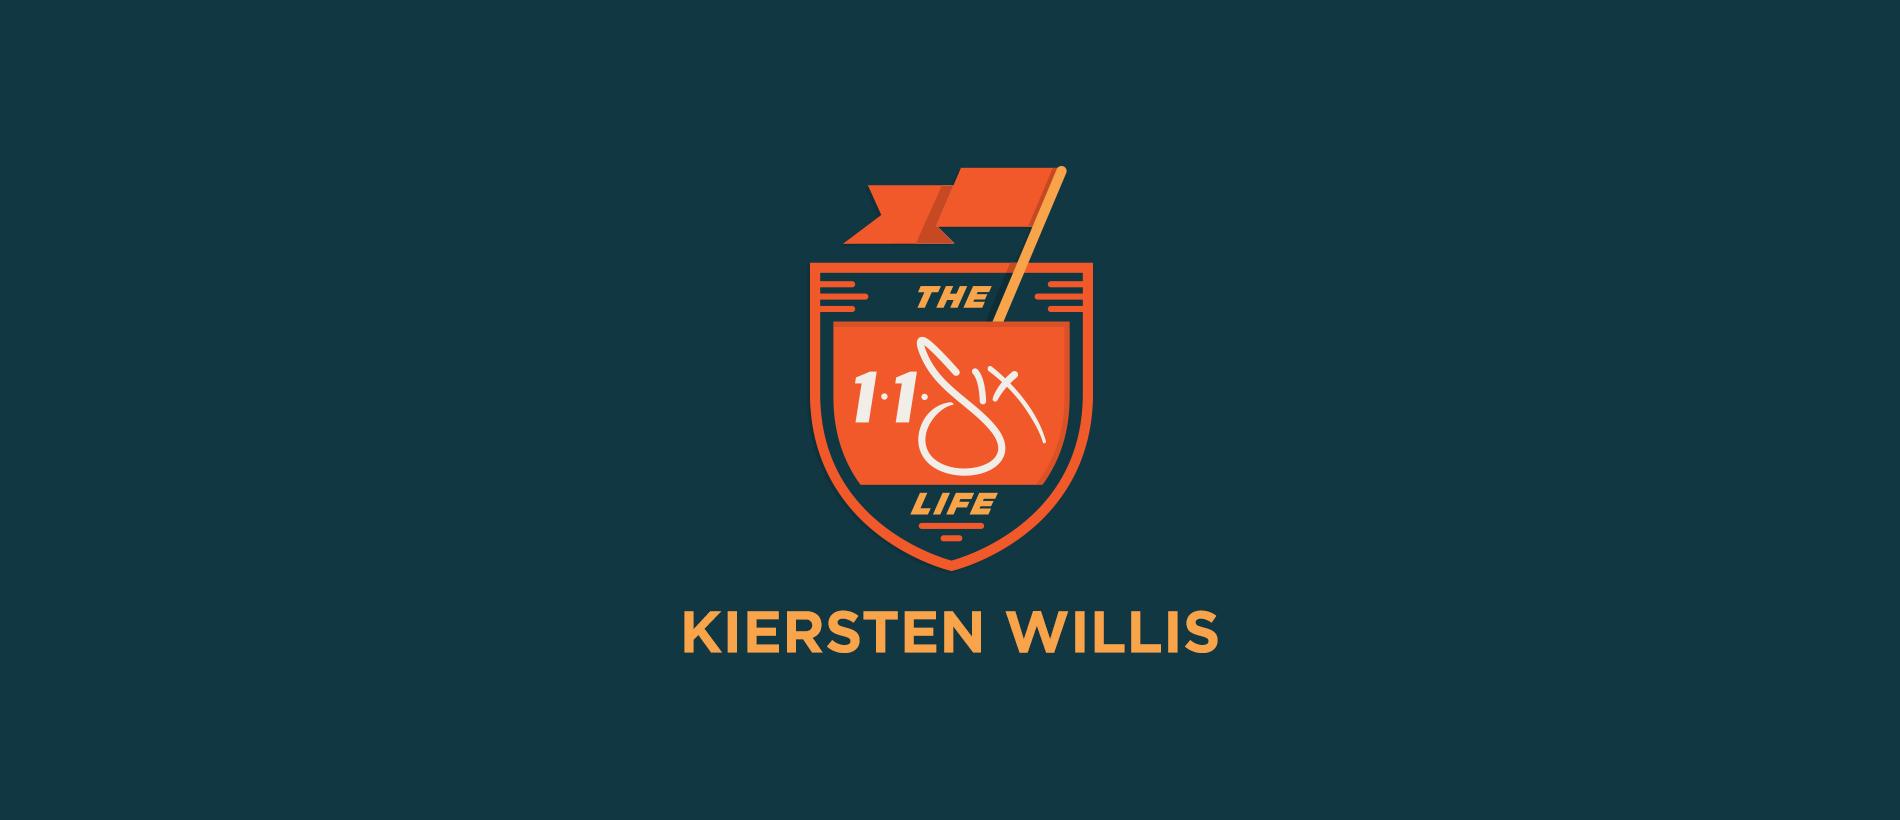 THE 116 LIFE x KIERSTEN WILLIS